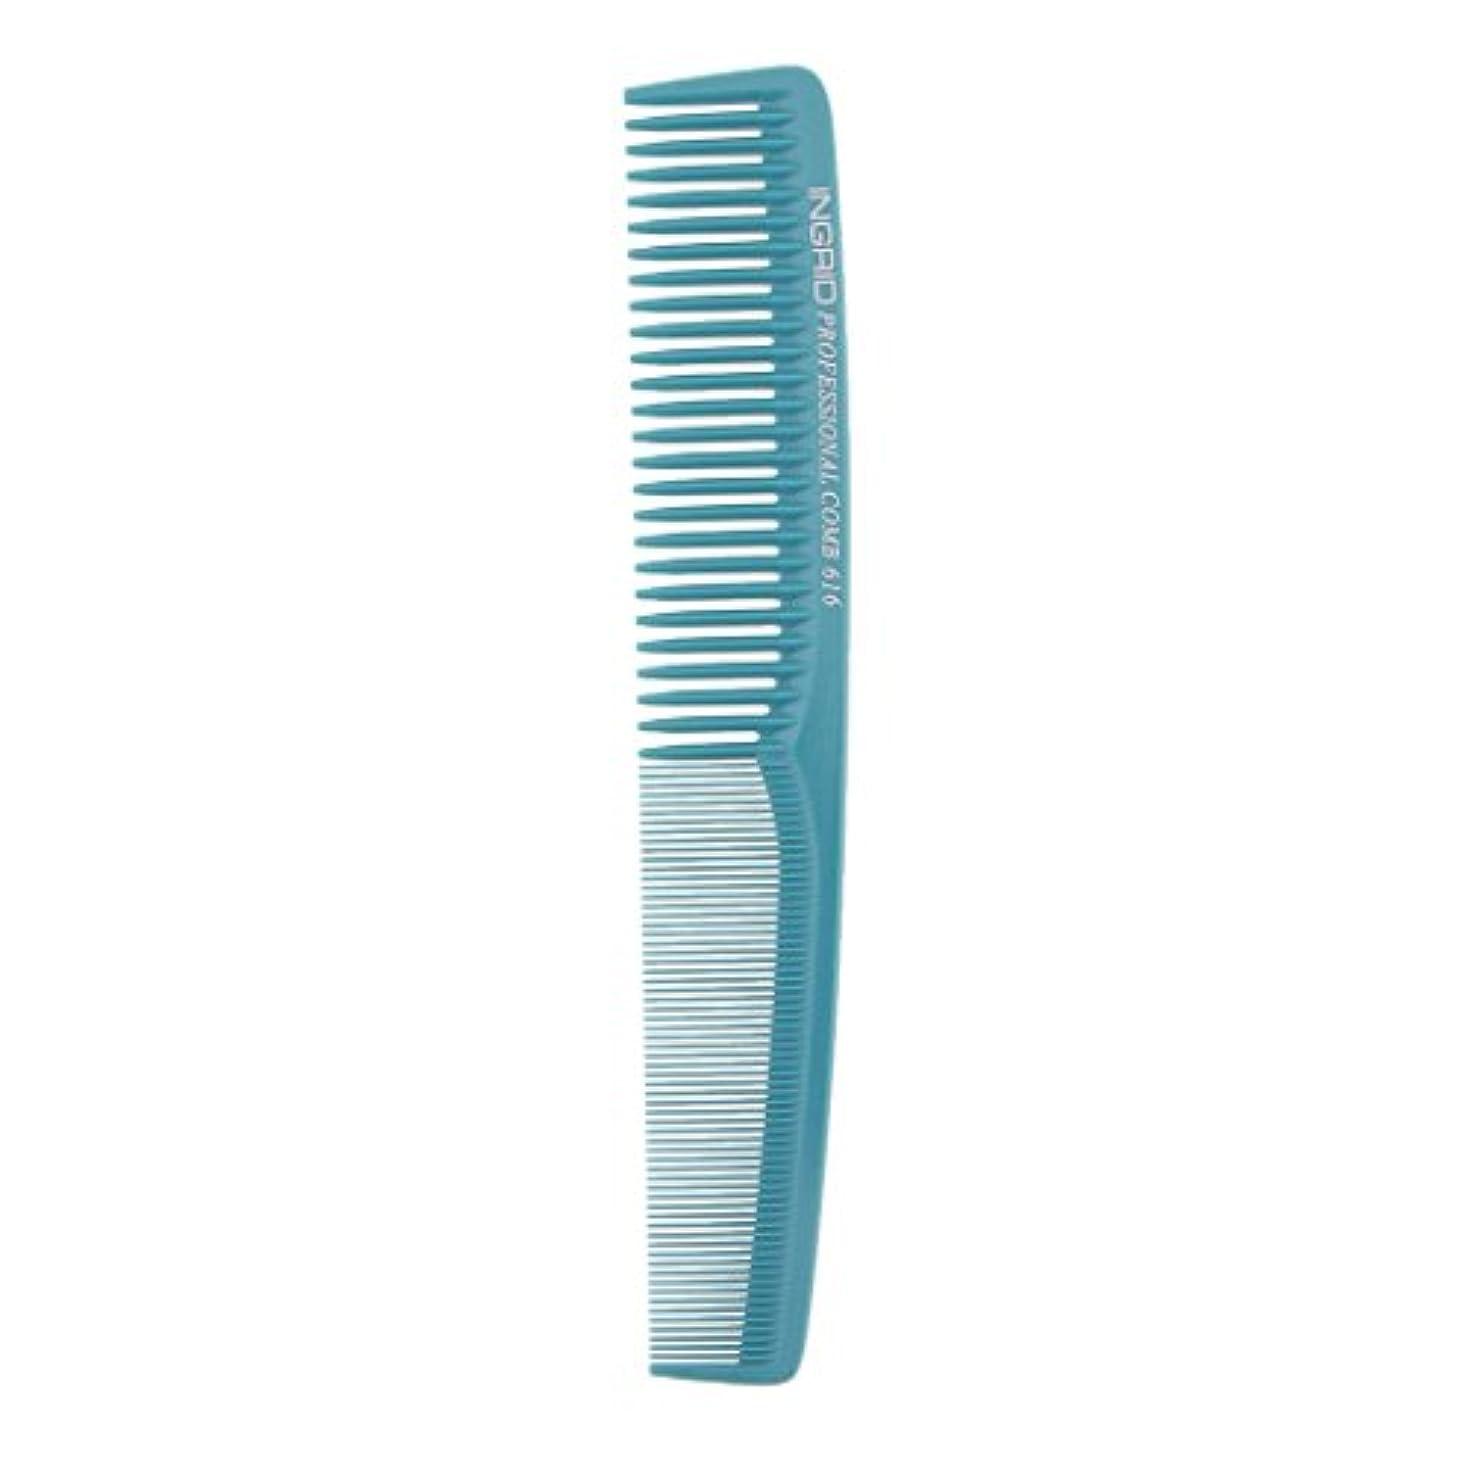 観客適用する憧れプロサロンヘアースタイリング理髪帯電防止理容室もつれ櫛ブラシ - ライトブルー